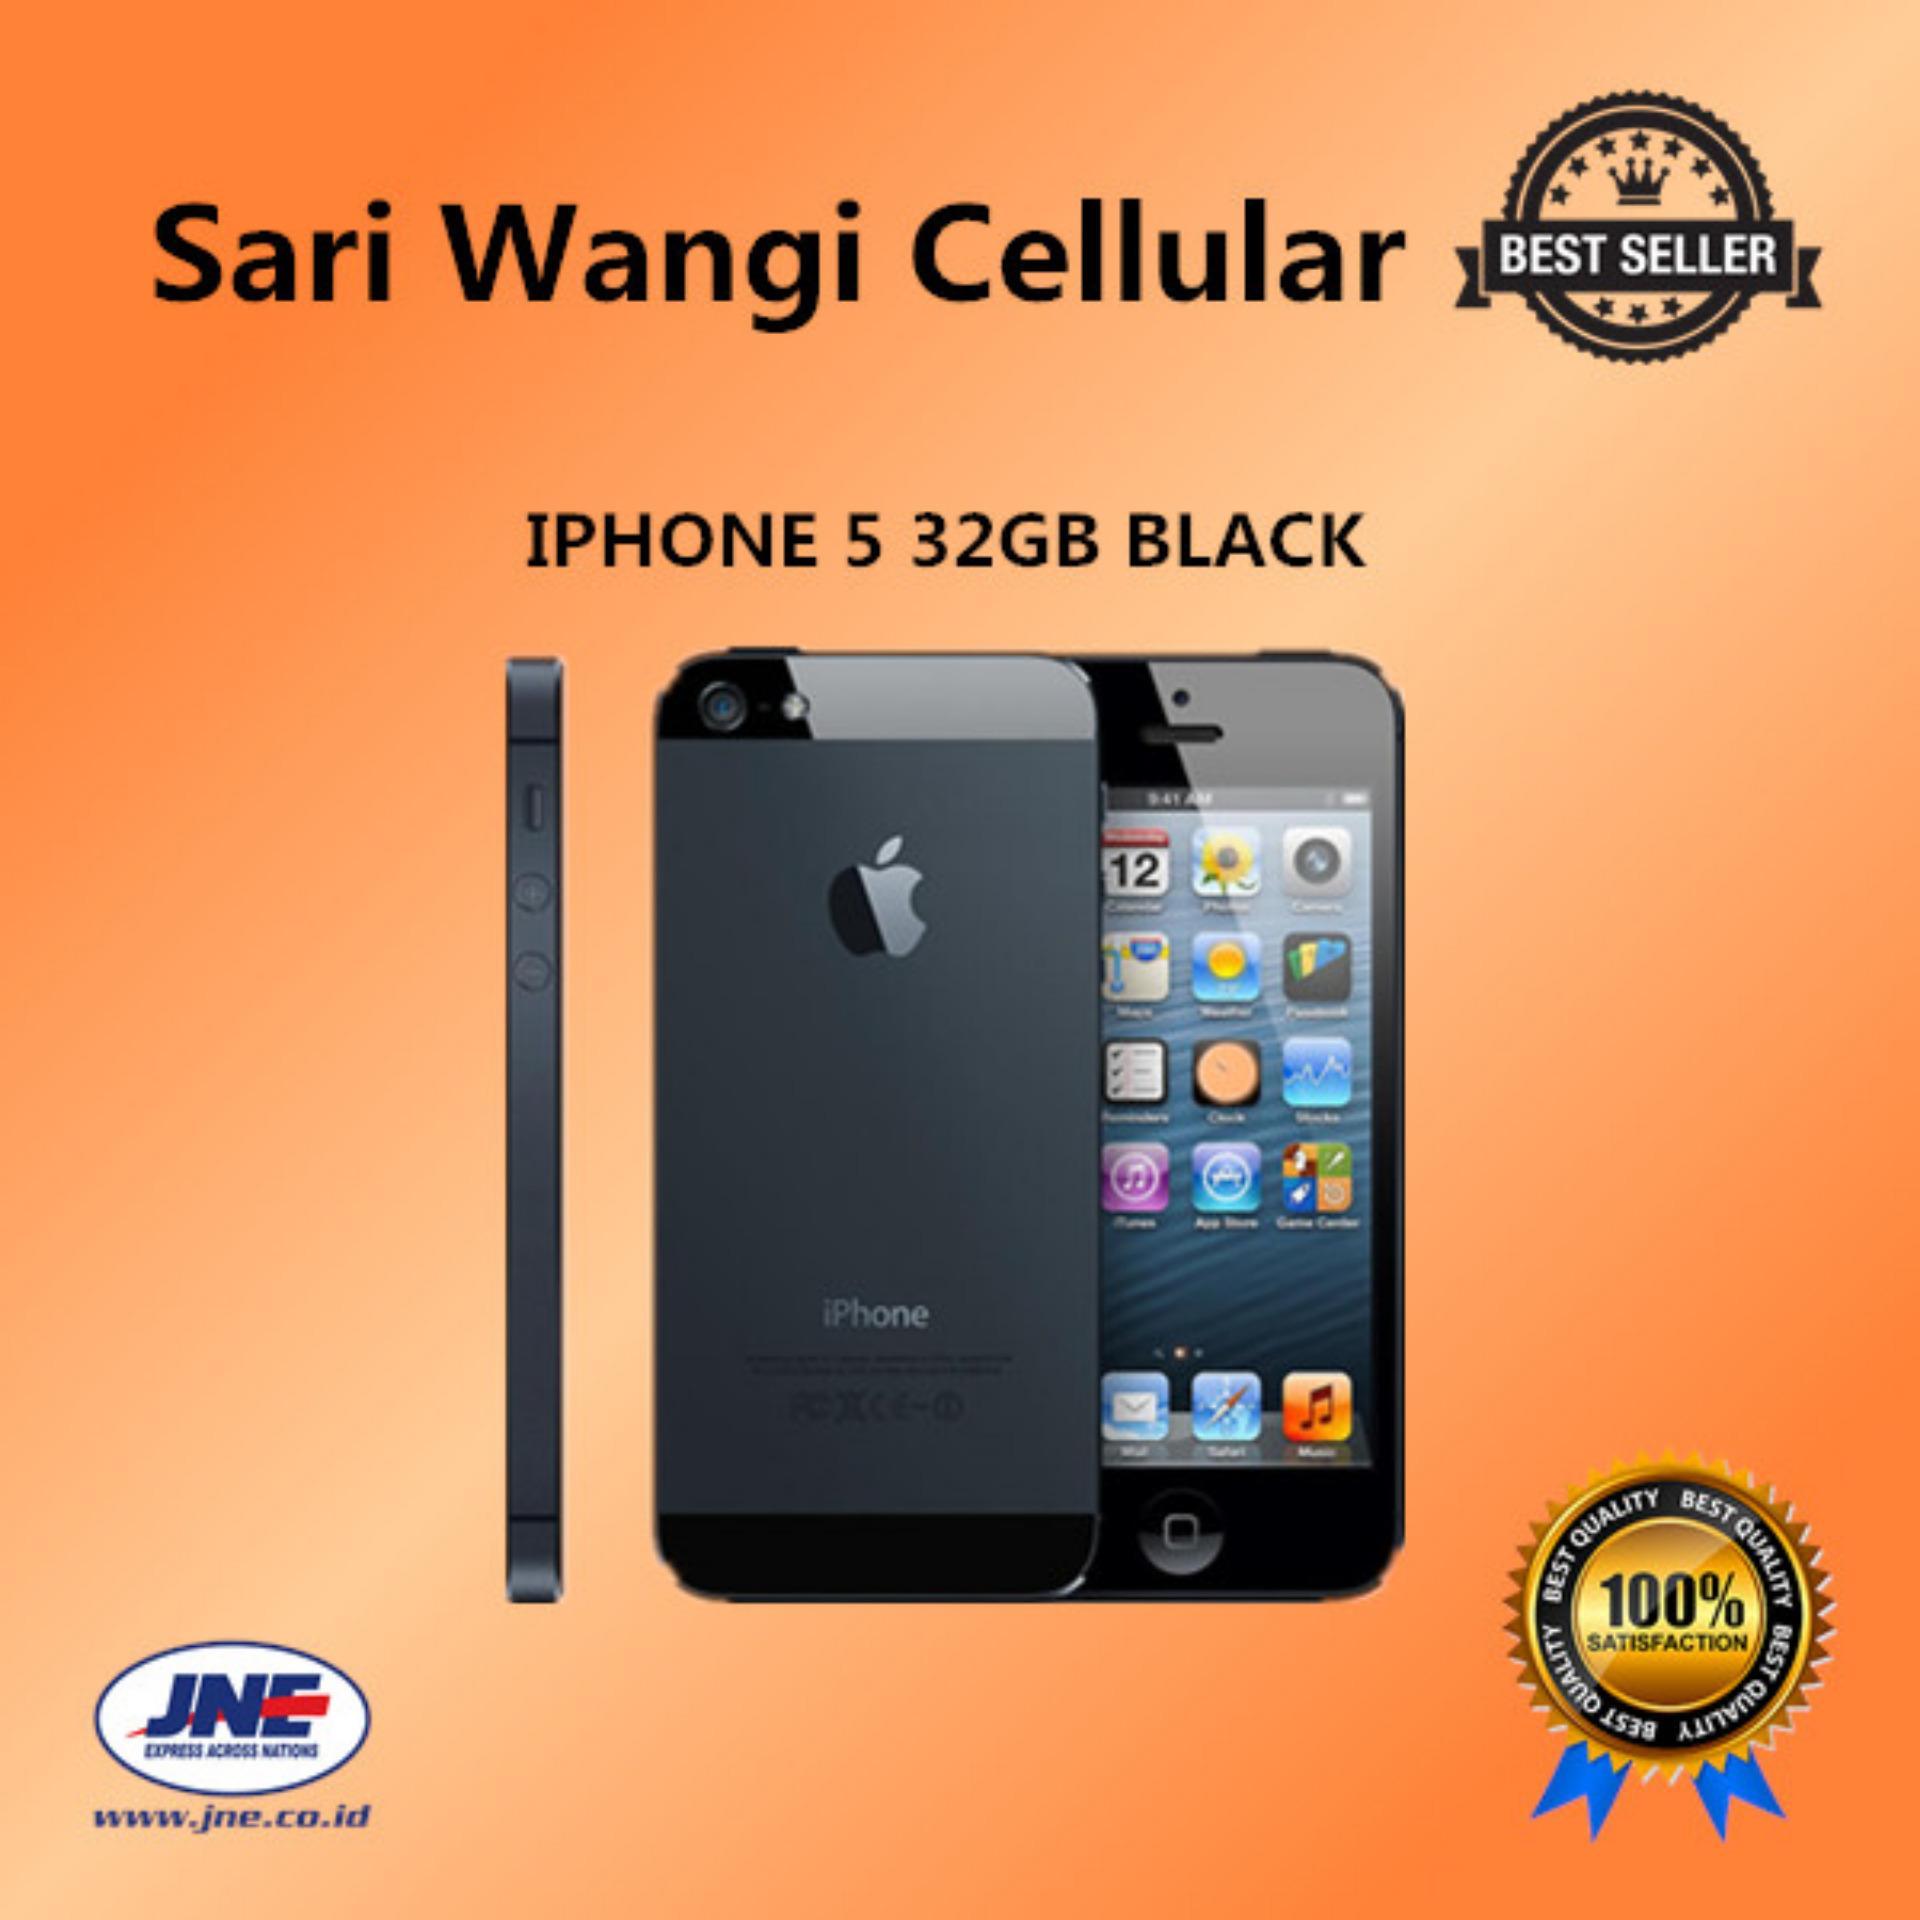 Iphone 6 Black 64gb Garansi 2 Tahun Spec Dan Daftar Harga Terbaru 5 1 Bandingkan Toko Apple 32gb Baru Hanya Rp1